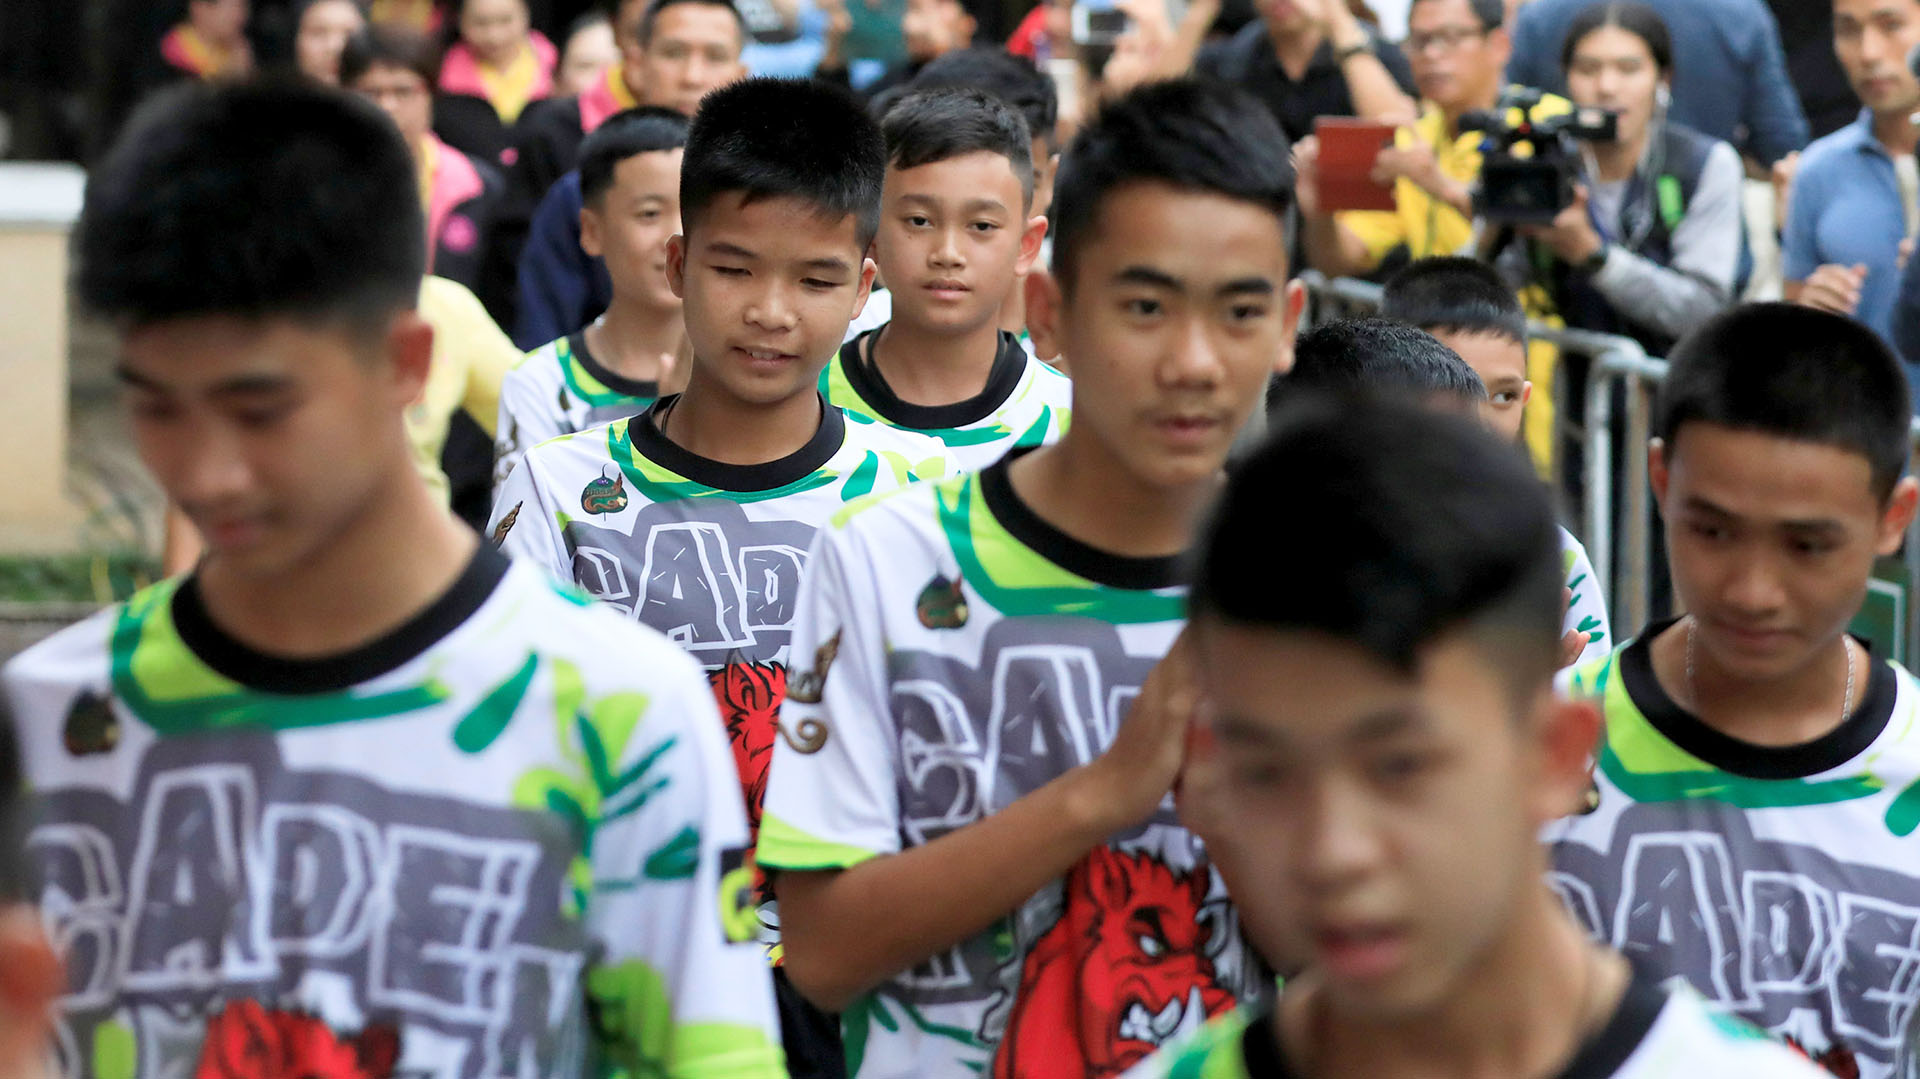 Todos los menores vestían el uniforme de los Jabalíes Salvajes el equipo de fútbol